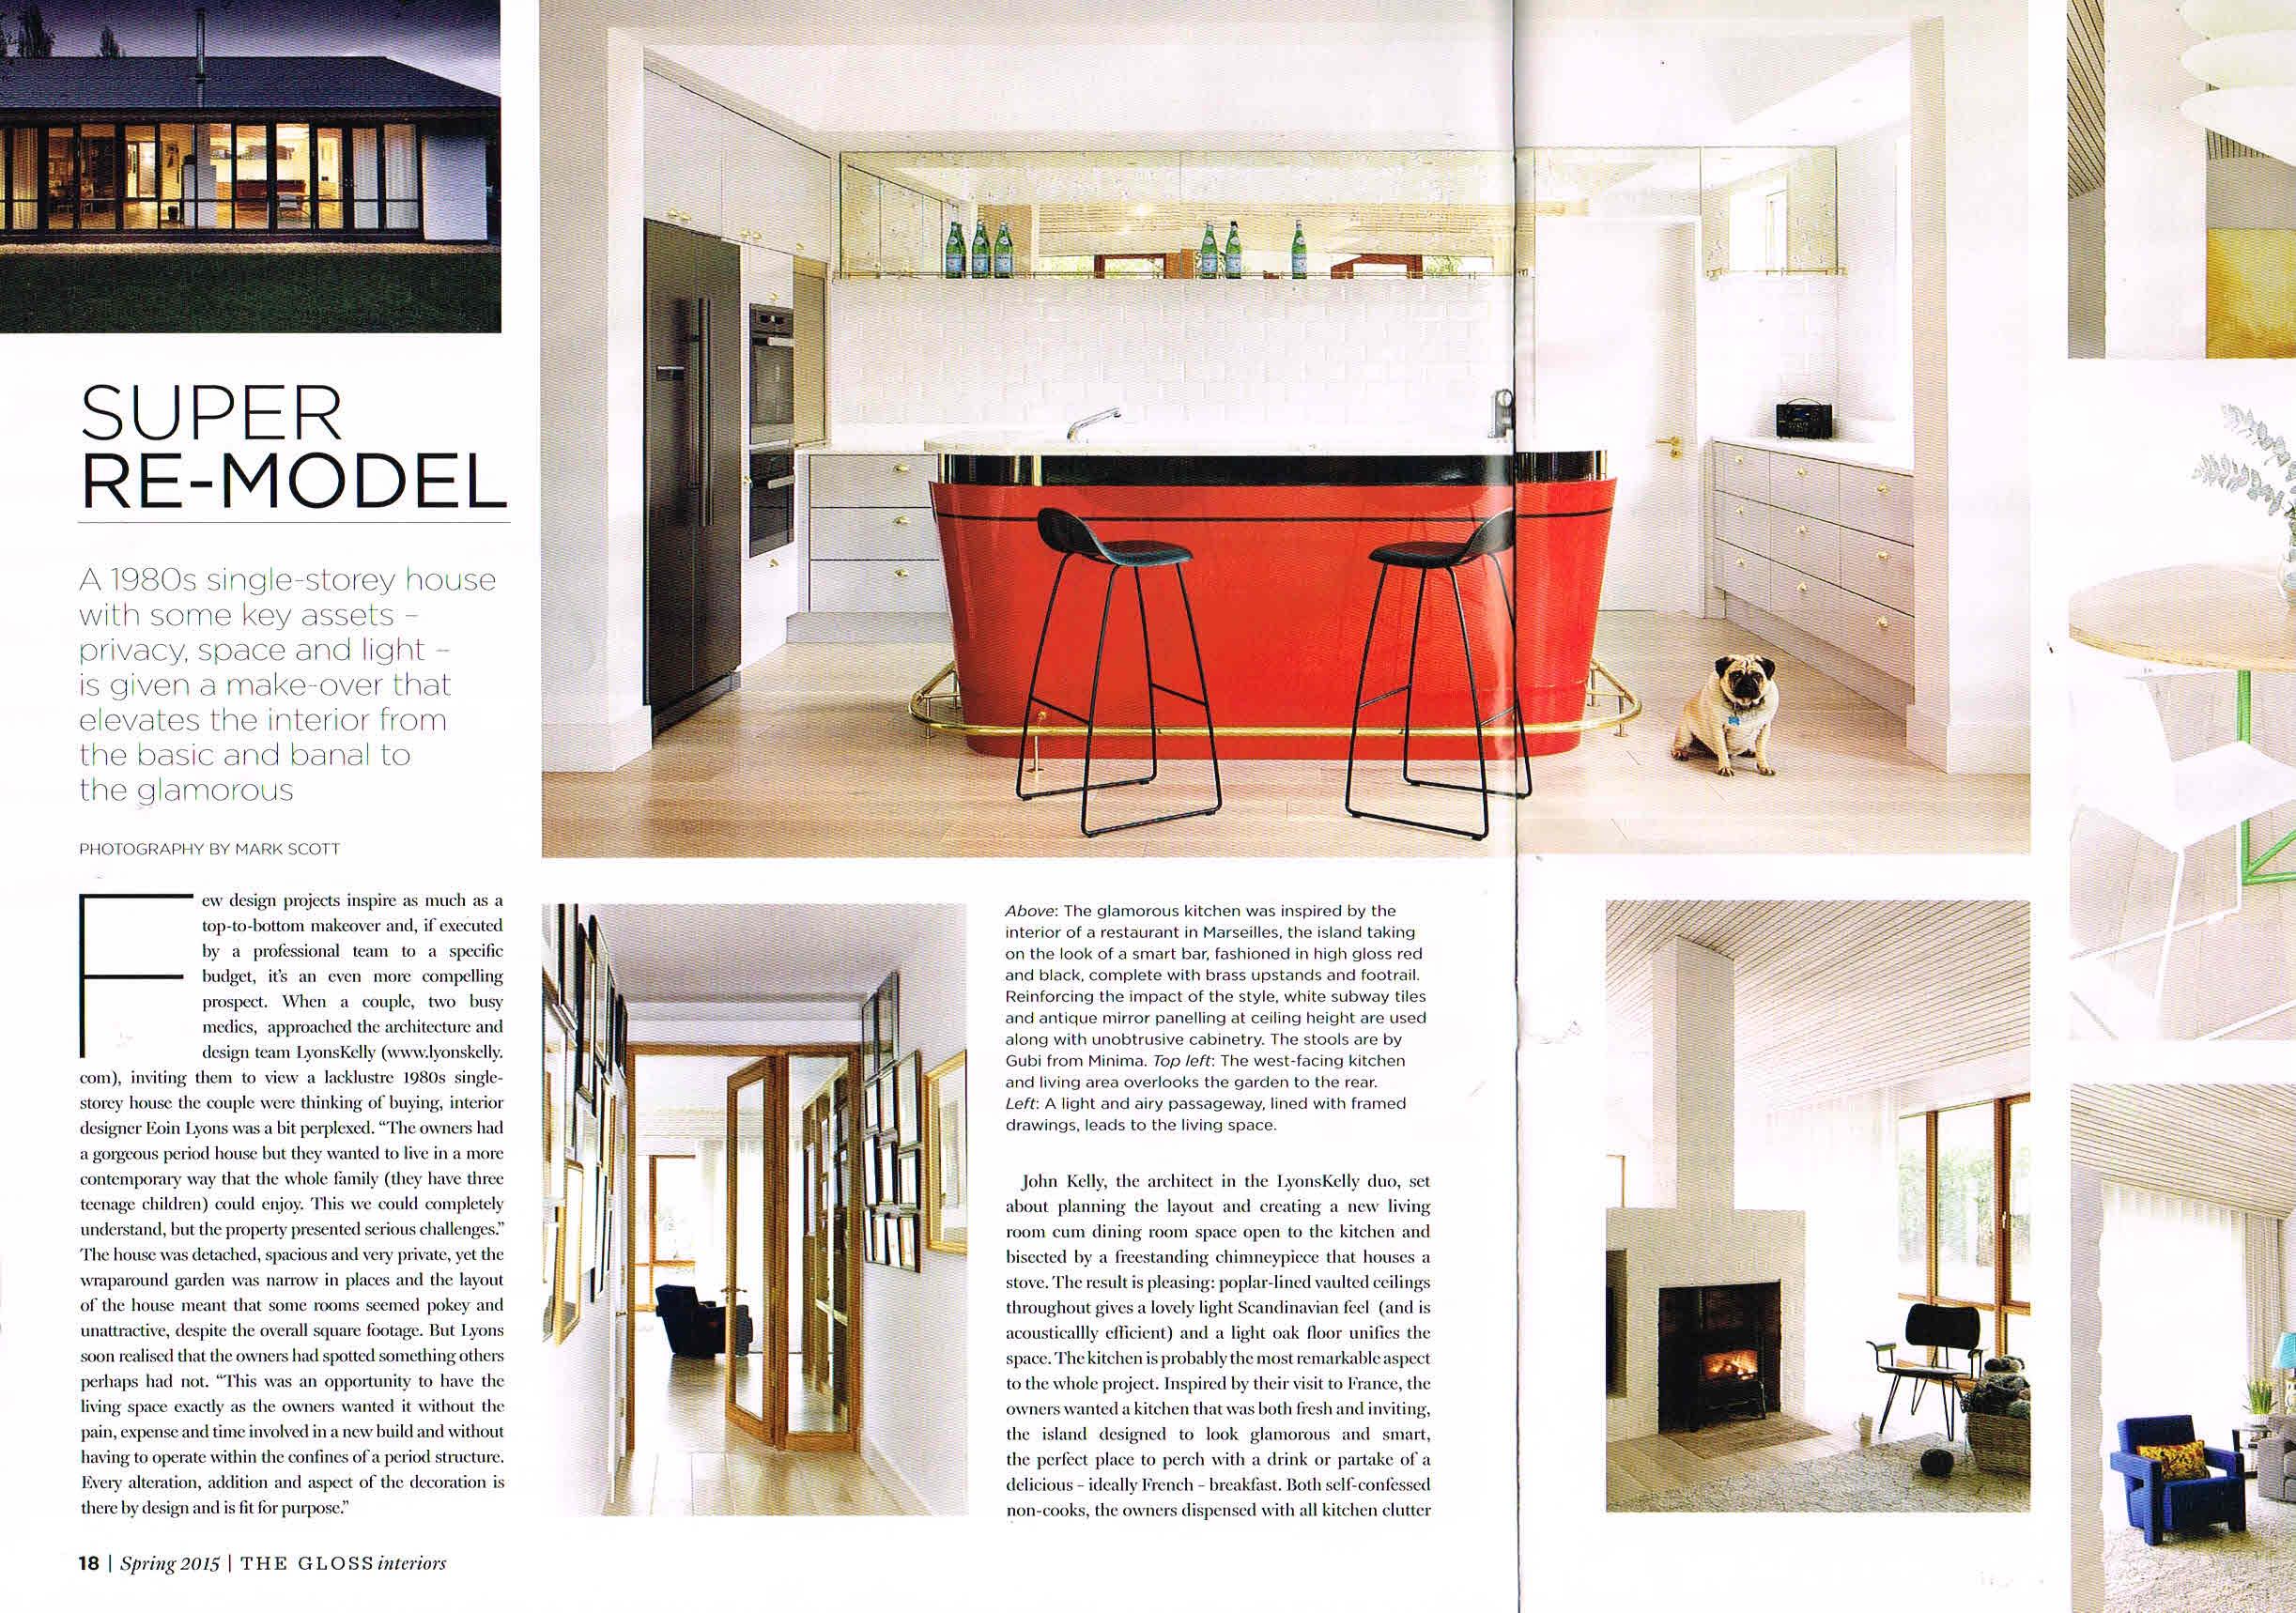 kitchen Gloss magazine 11.4.15.jpg